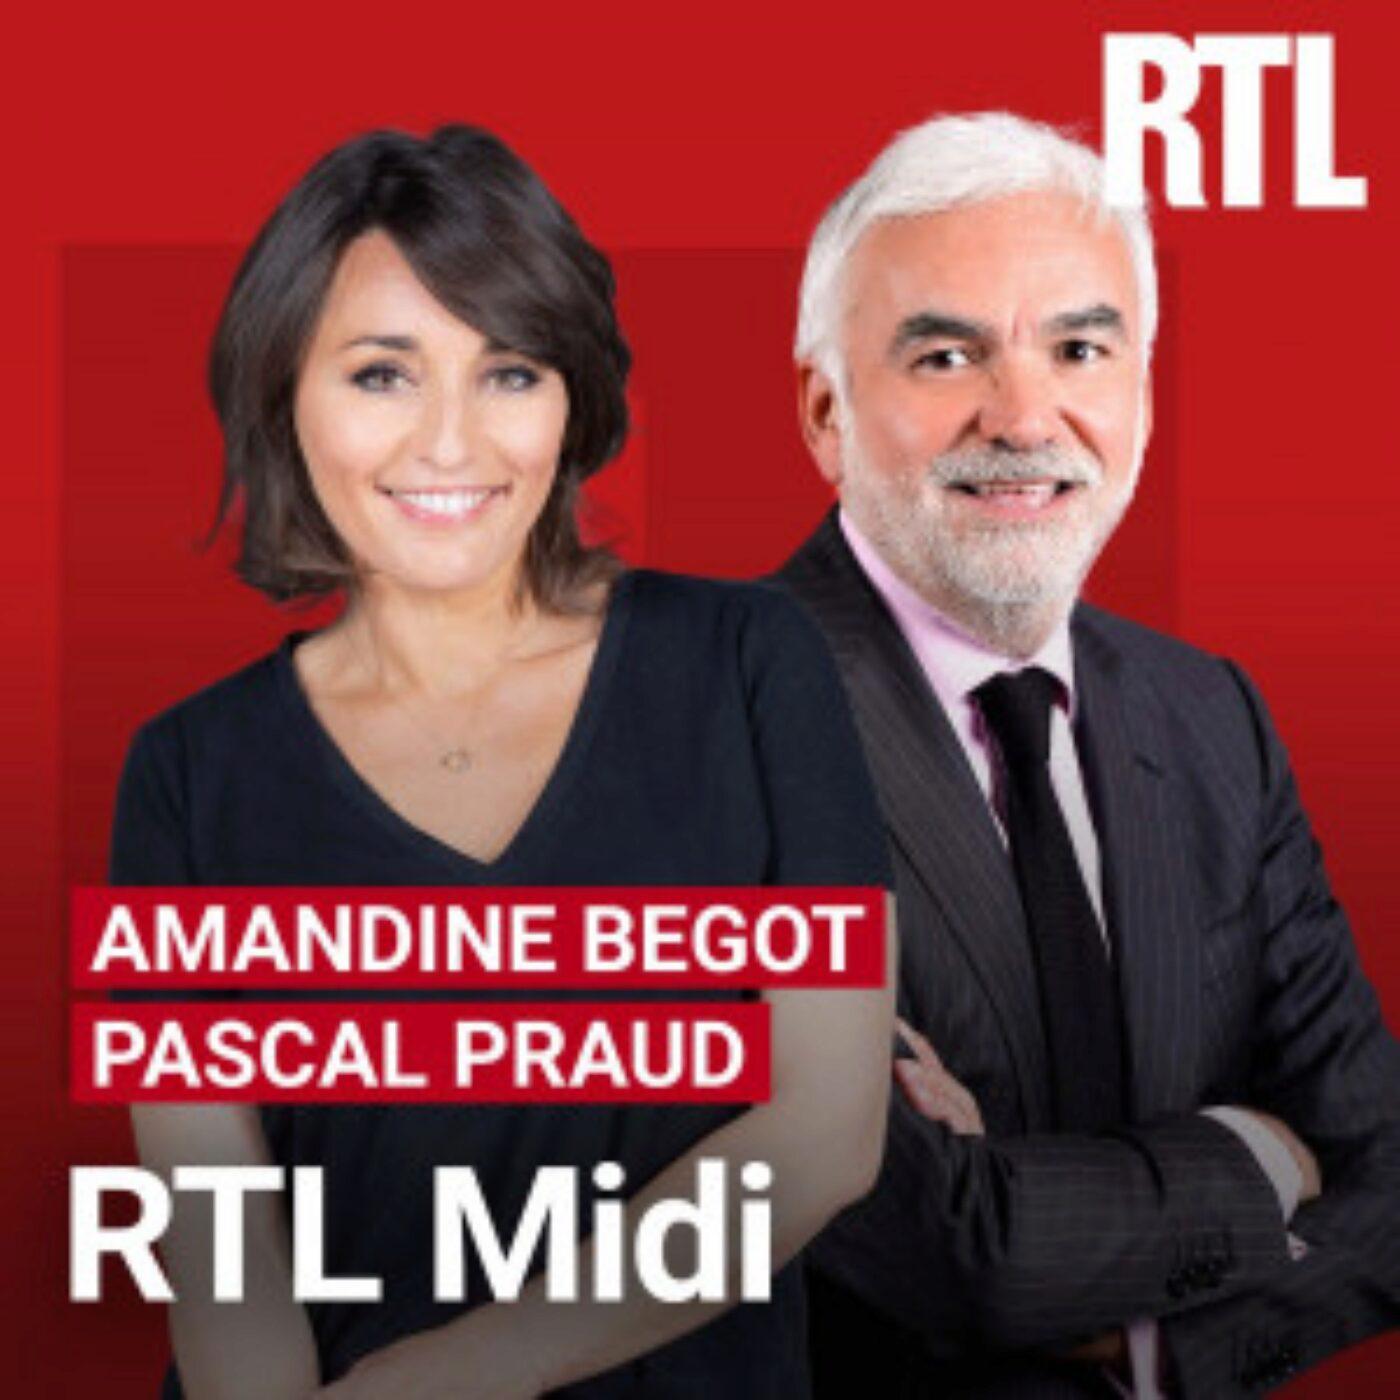 Image 1: RTL Midi